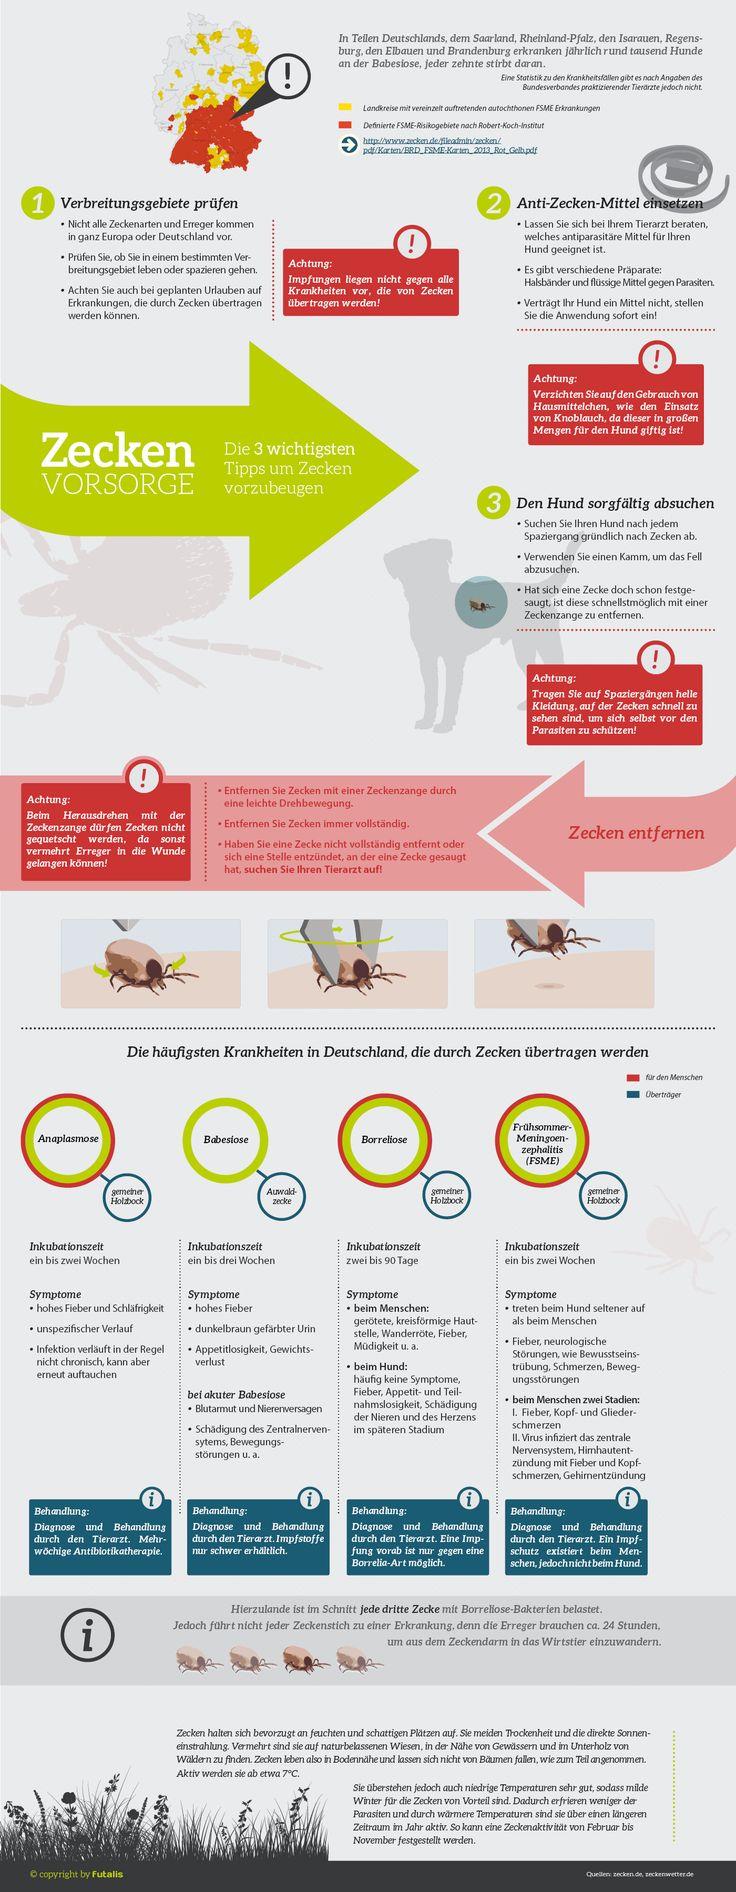 die besten 10 ideen zu beagle welpen auf pinterest niedliche welpen niedliche hunde und beagles. Black Bedroom Furniture Sets. Home Design Ideas